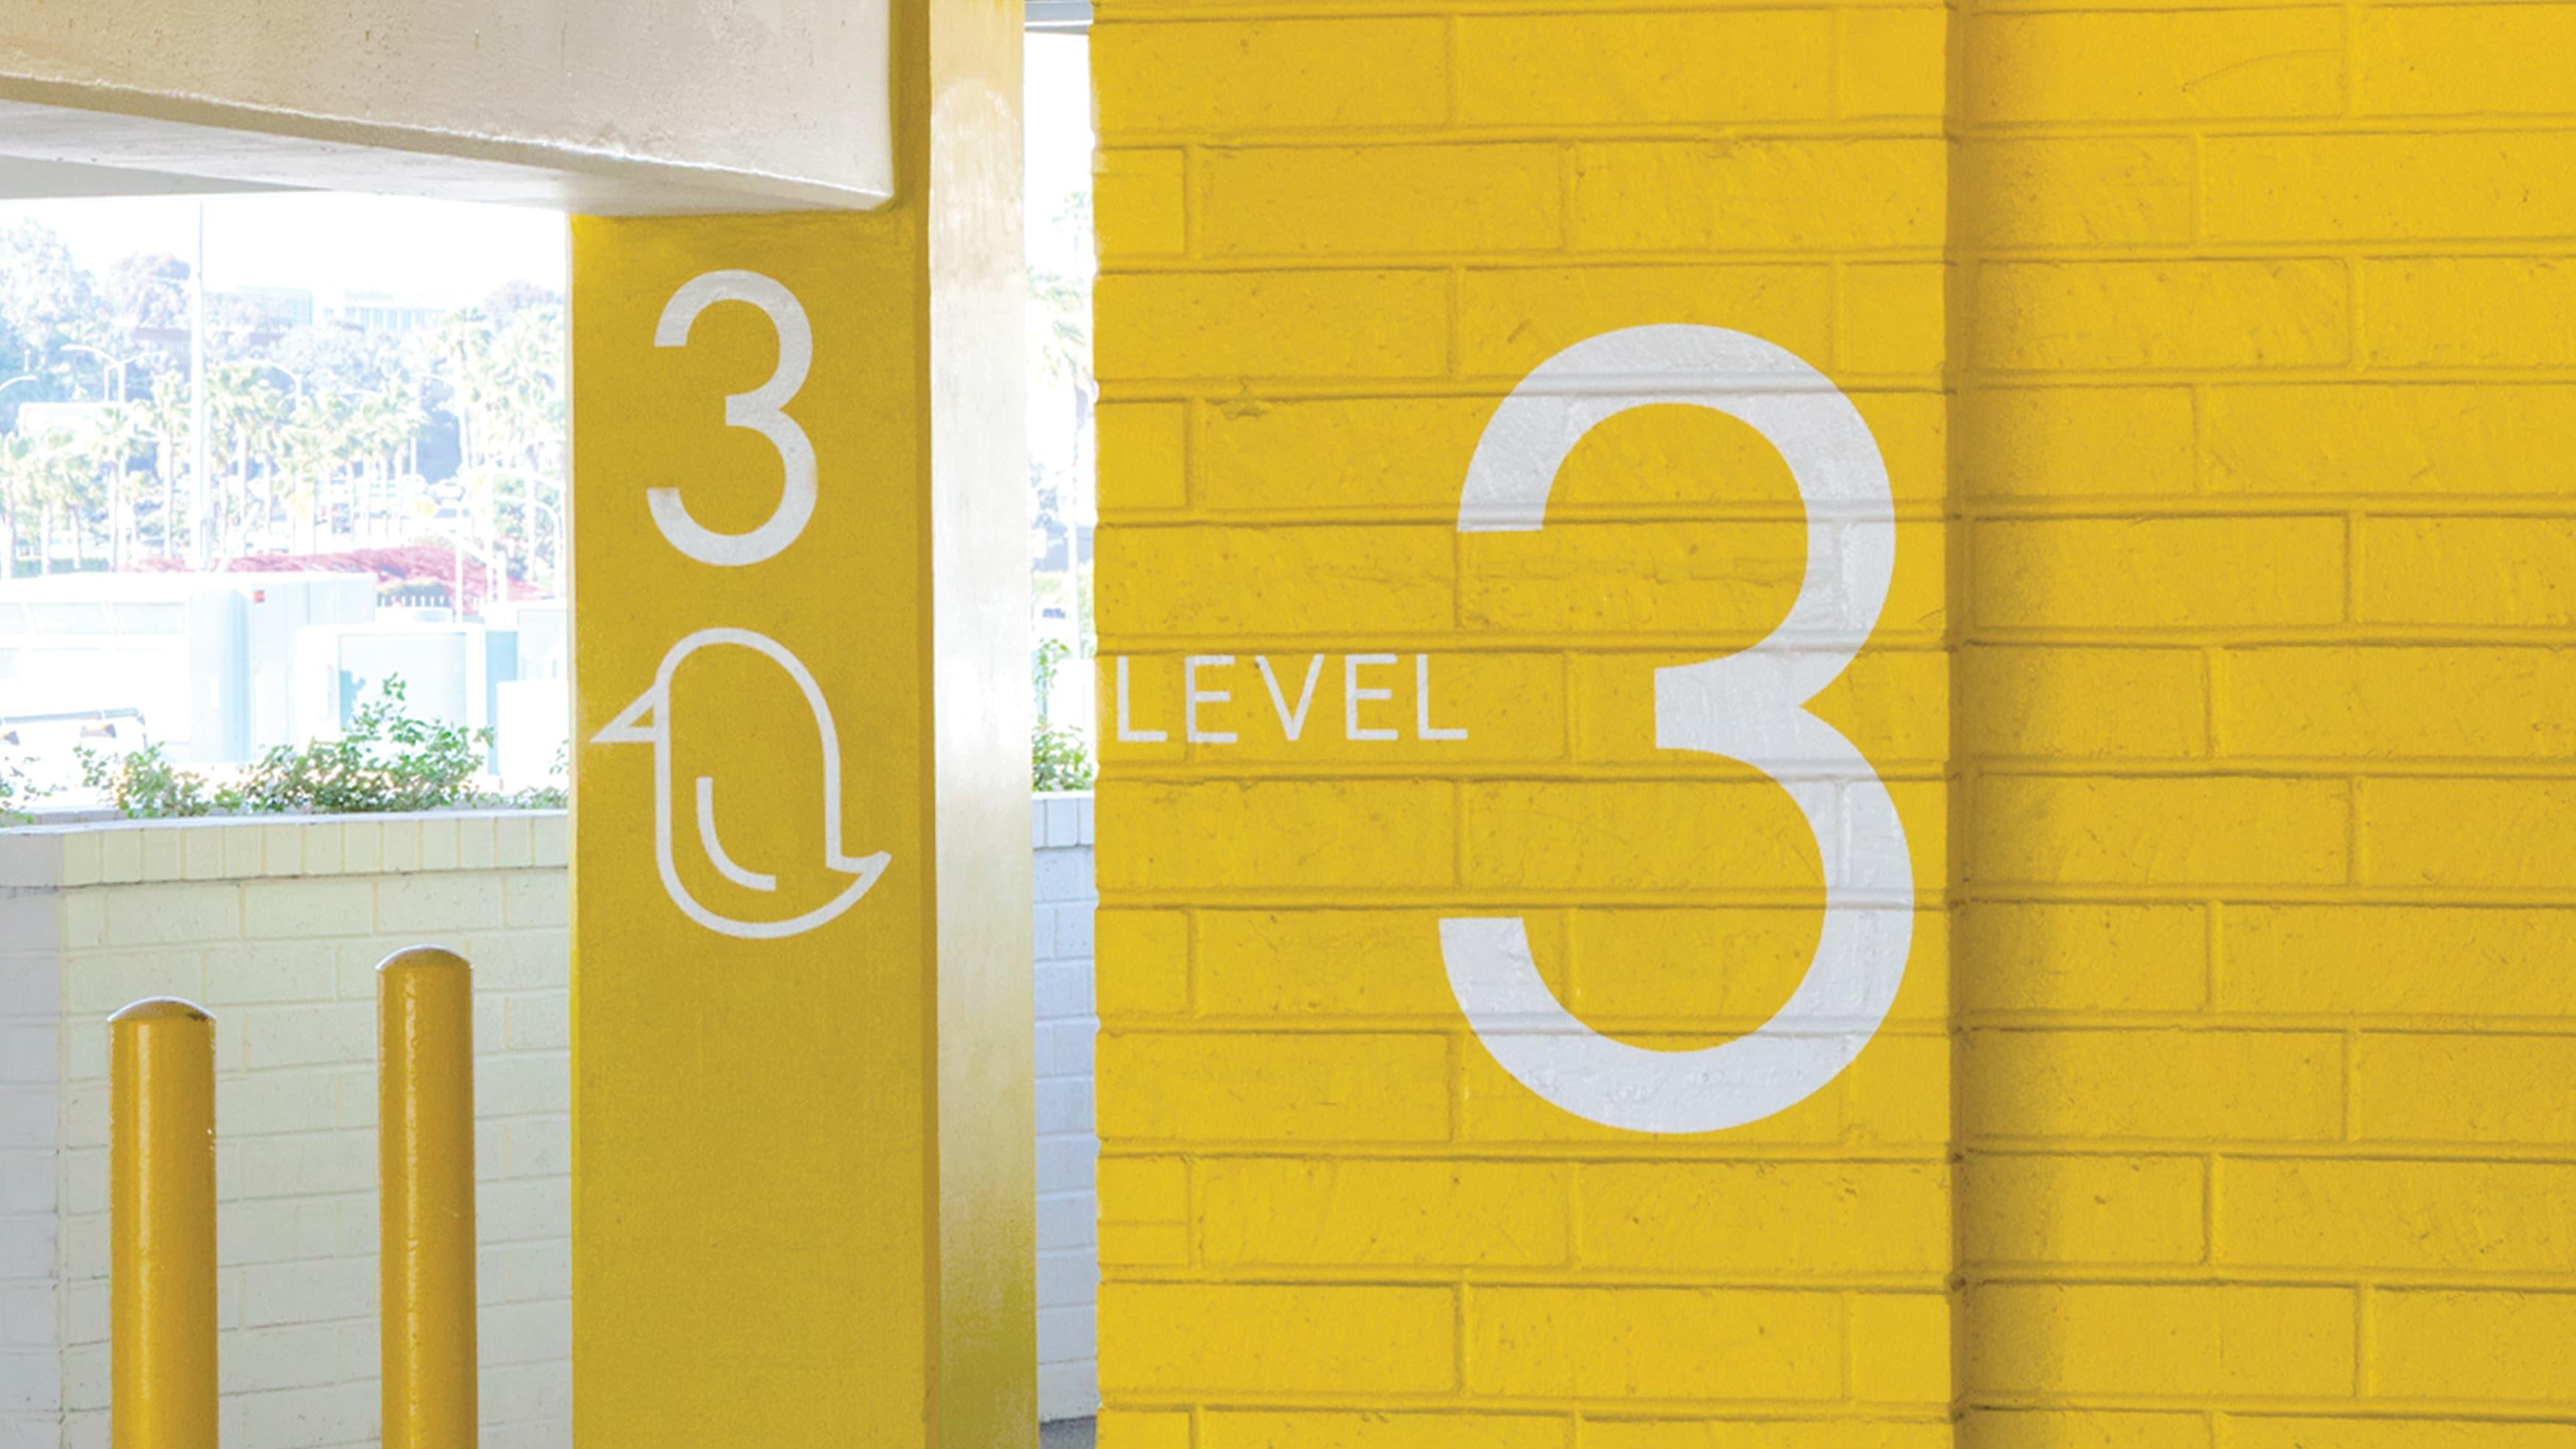 Yellow painted parking garage graphics on brick wall at Lido Marina Village